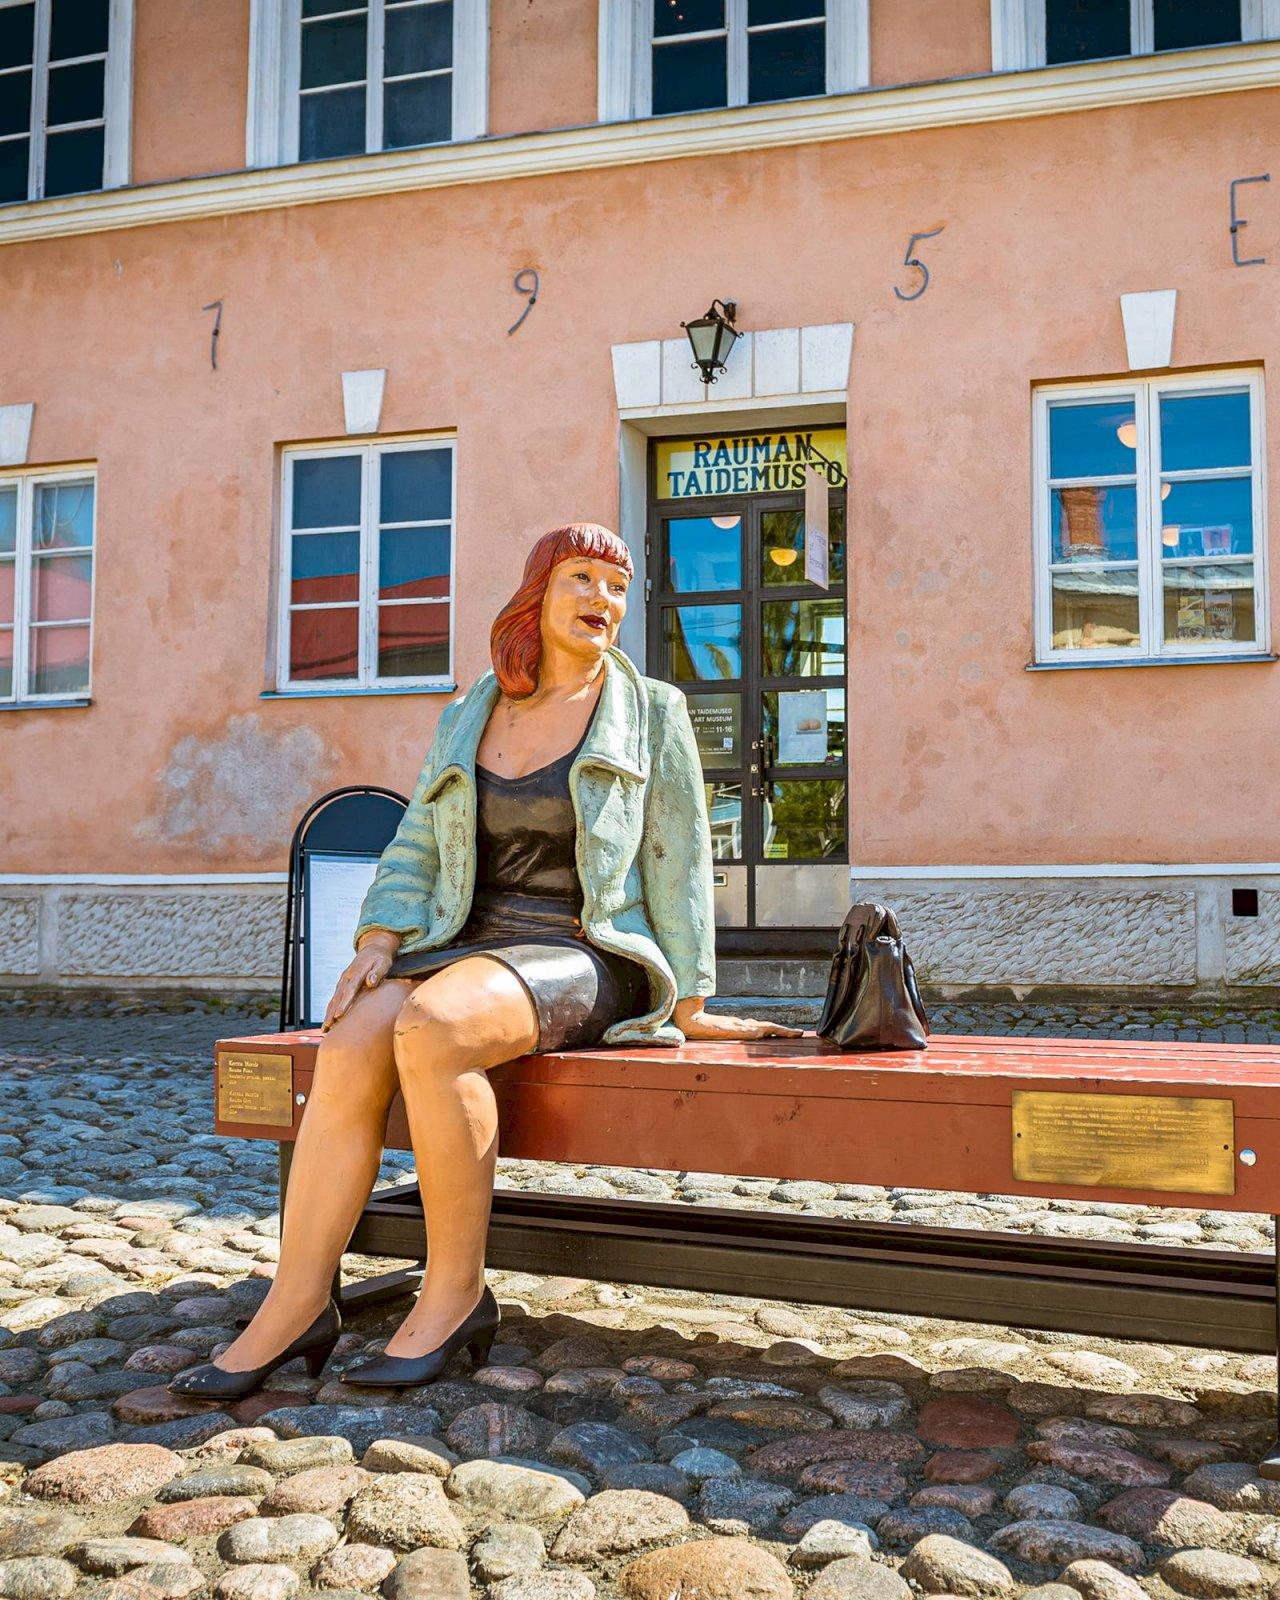 Taiteilija Kerttu Horilan naista esittävä veistos Rauma Flikk istuu penkillä Rauman taidemuseon edessä.